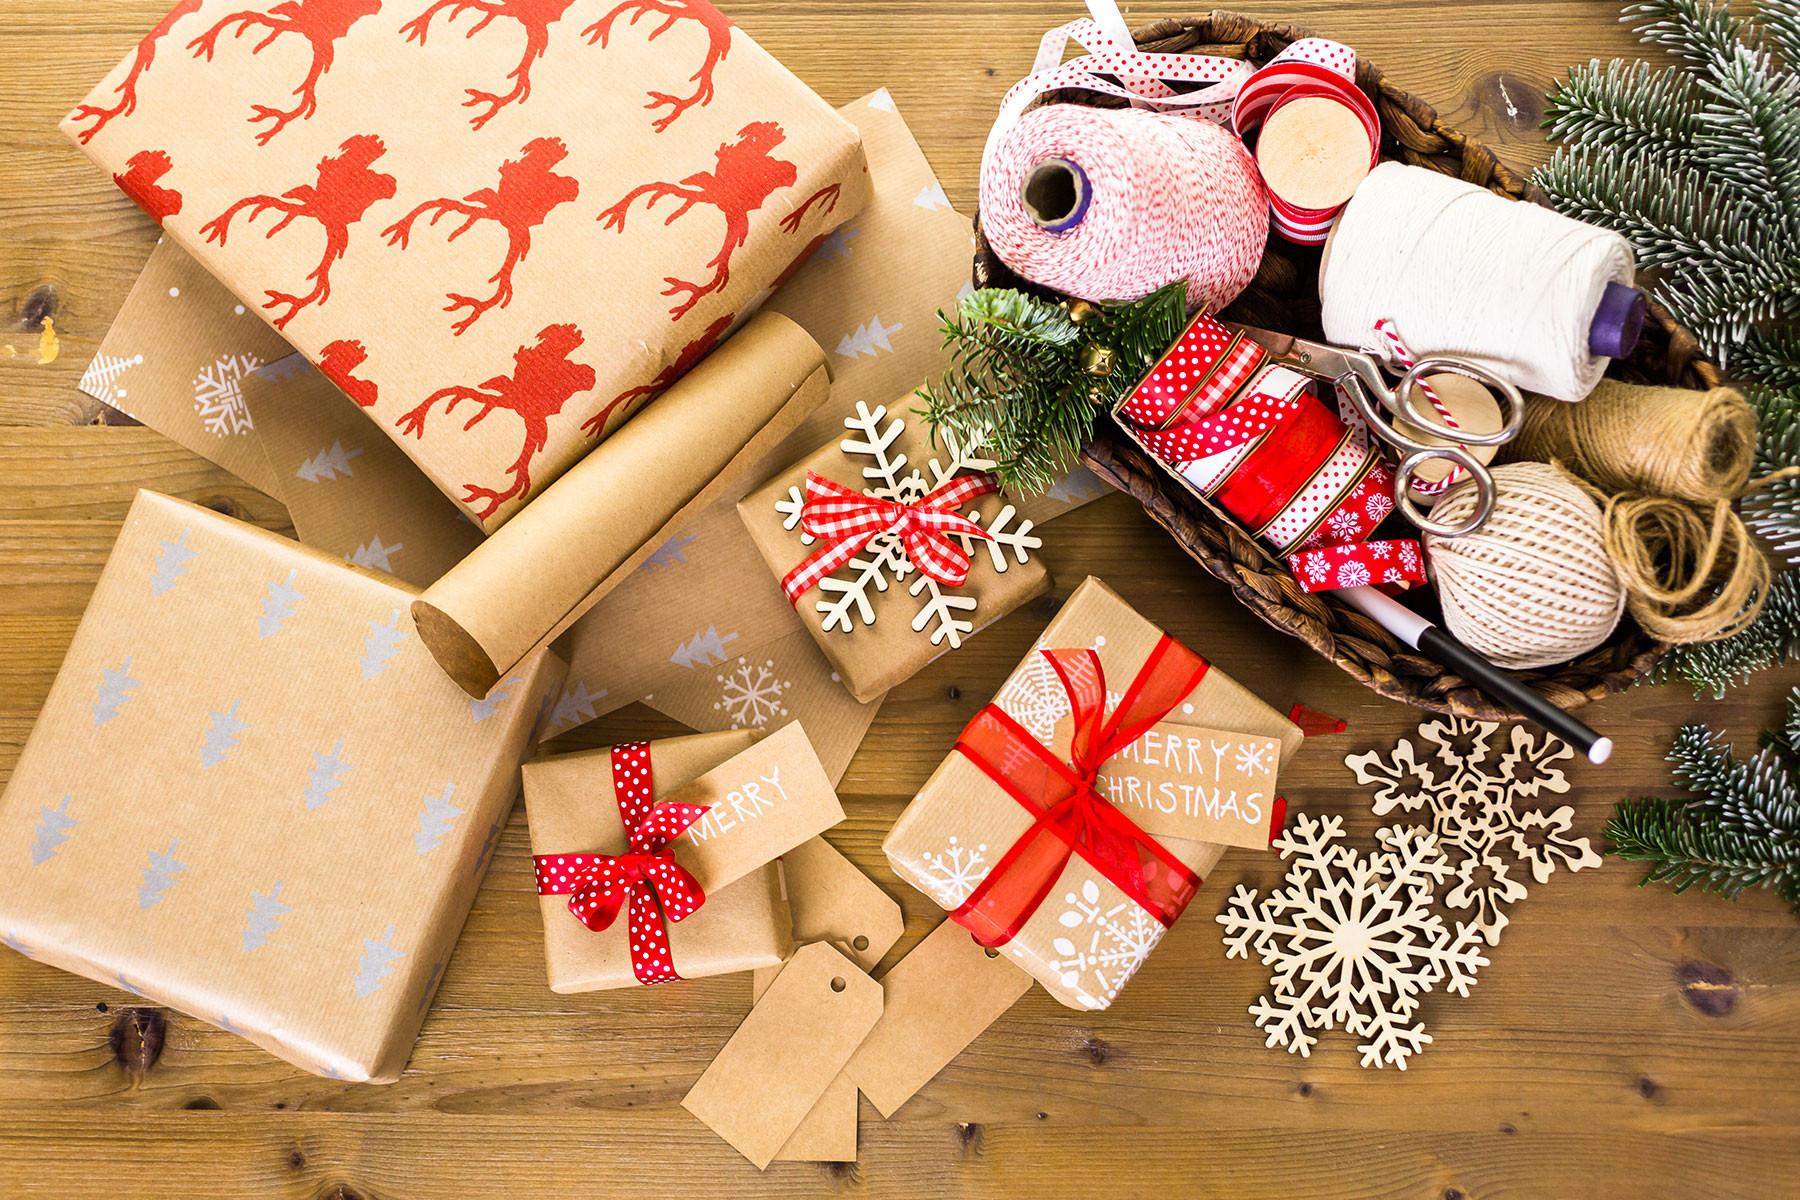 Ideen Für Geschenke  Weihnachtsgeschenke verpacken Geschenke verpacken Ideen